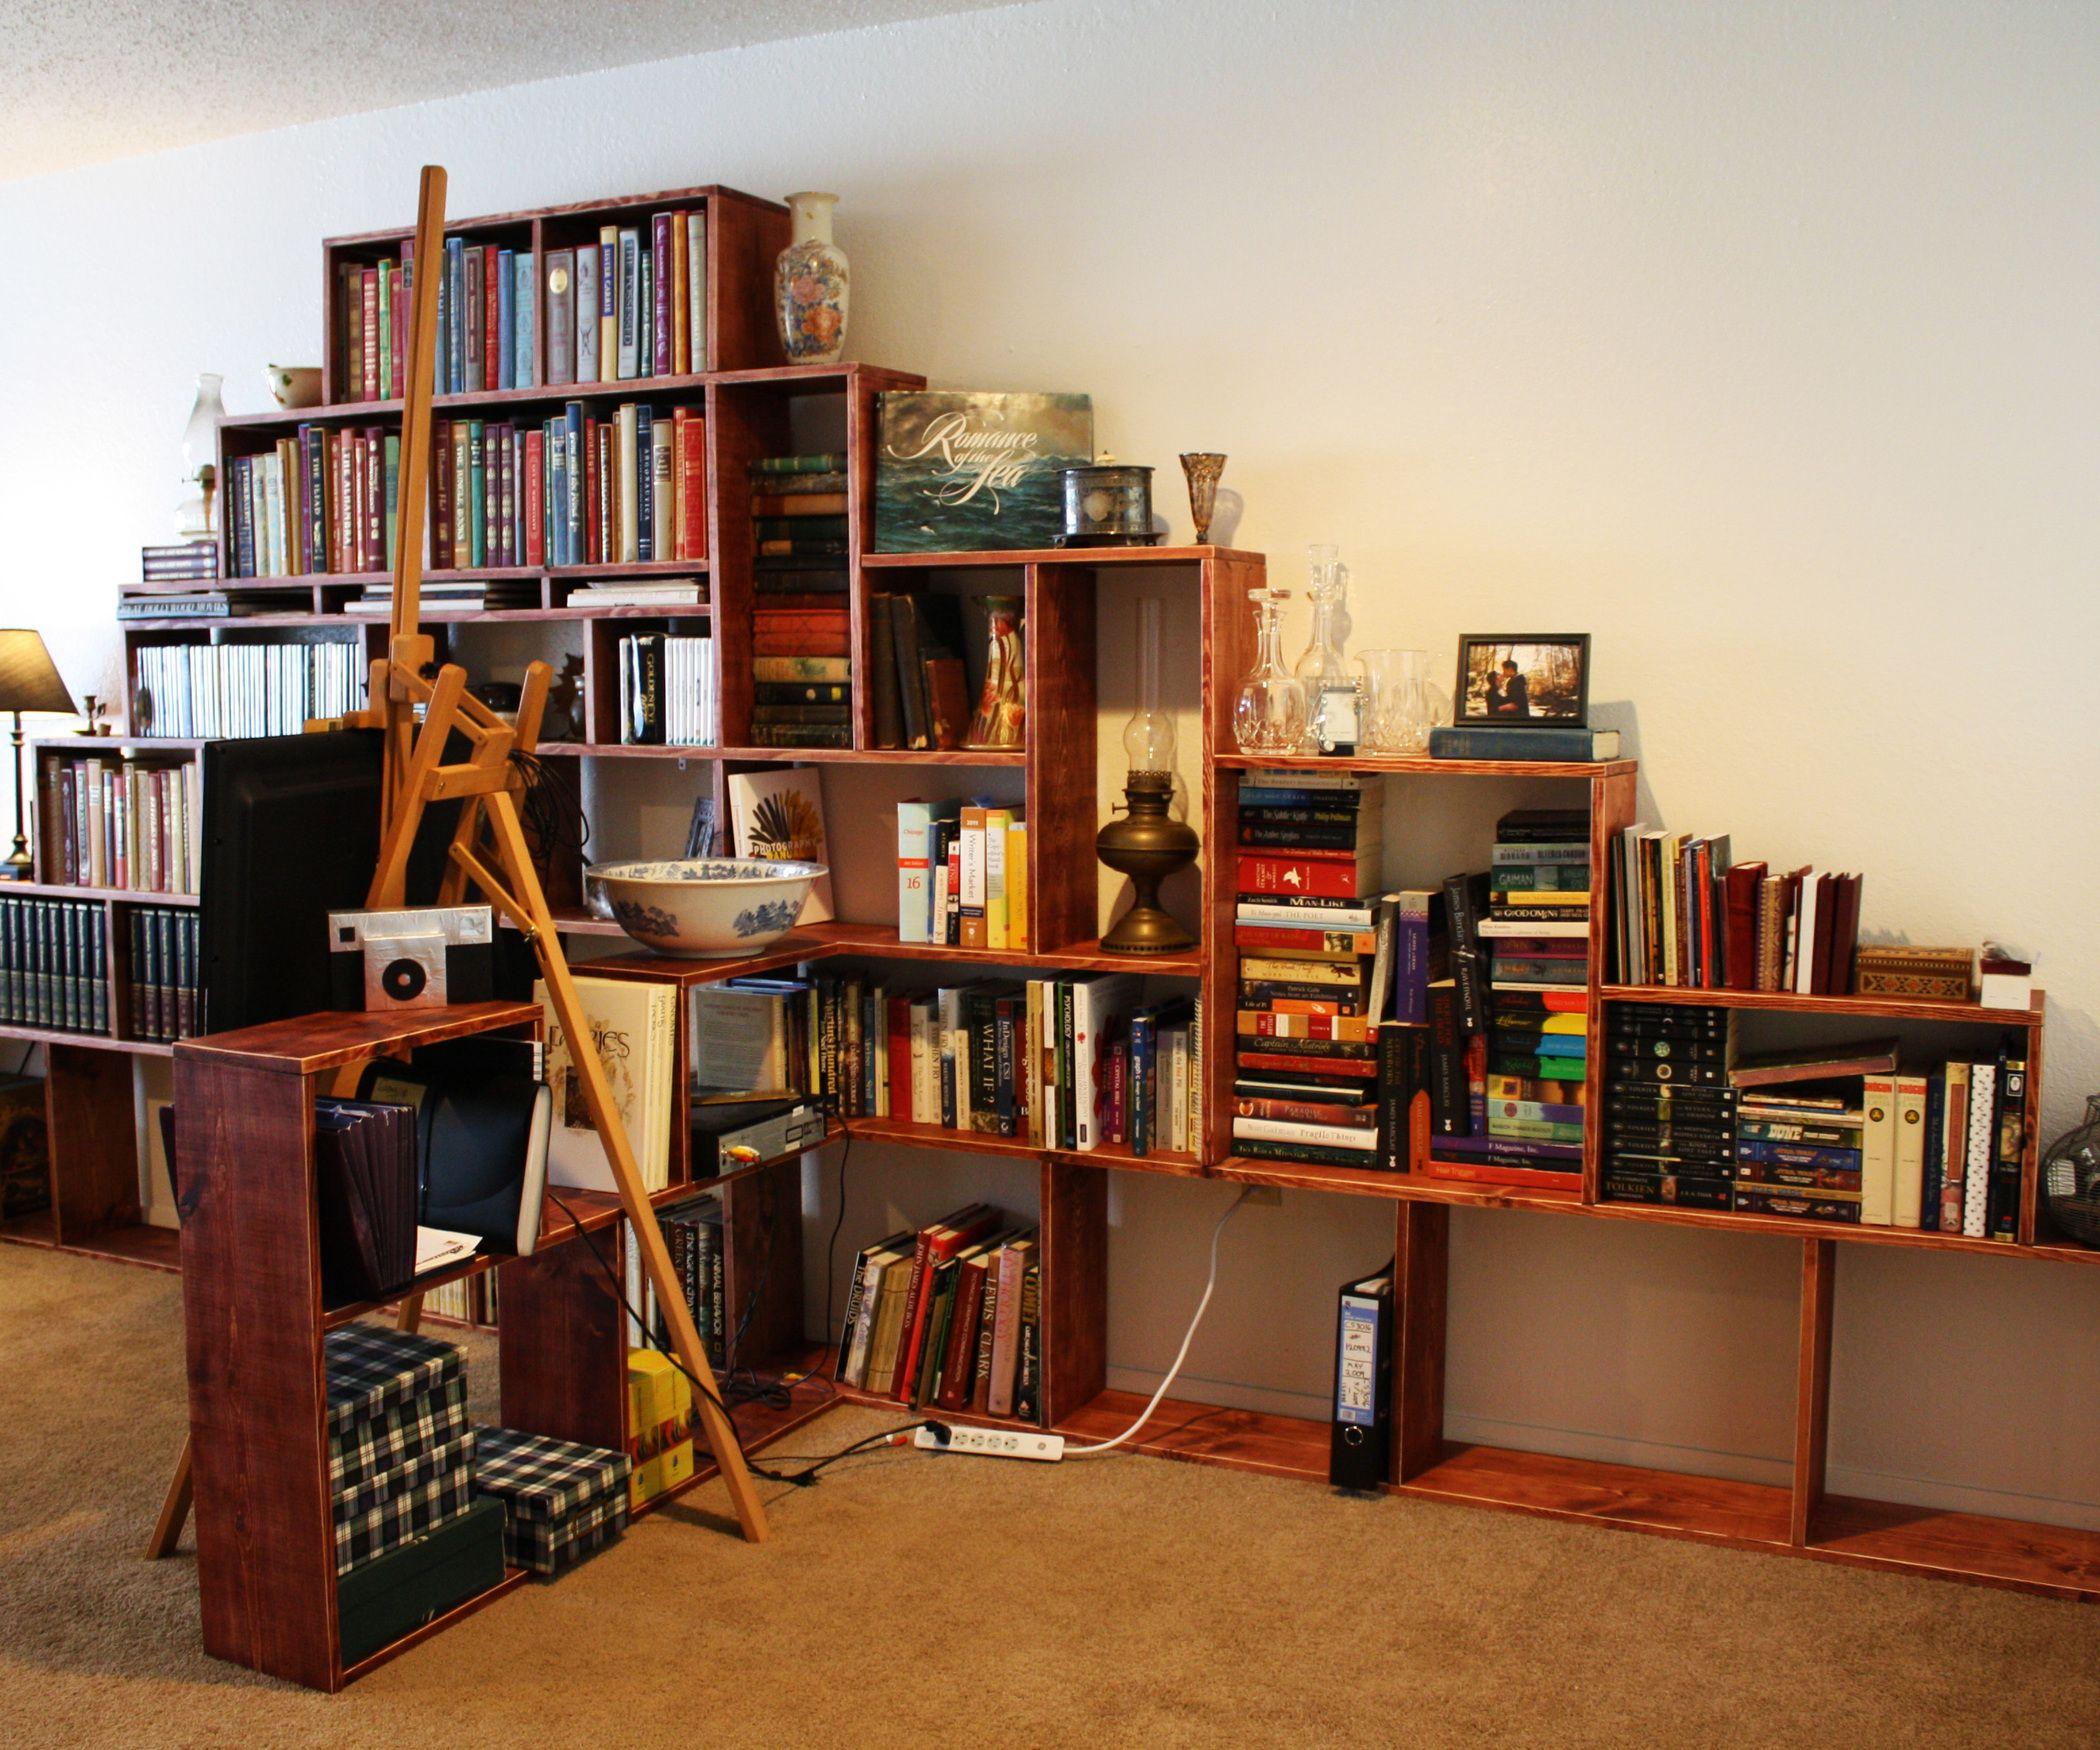 How To Make A Bookshelf Mountain